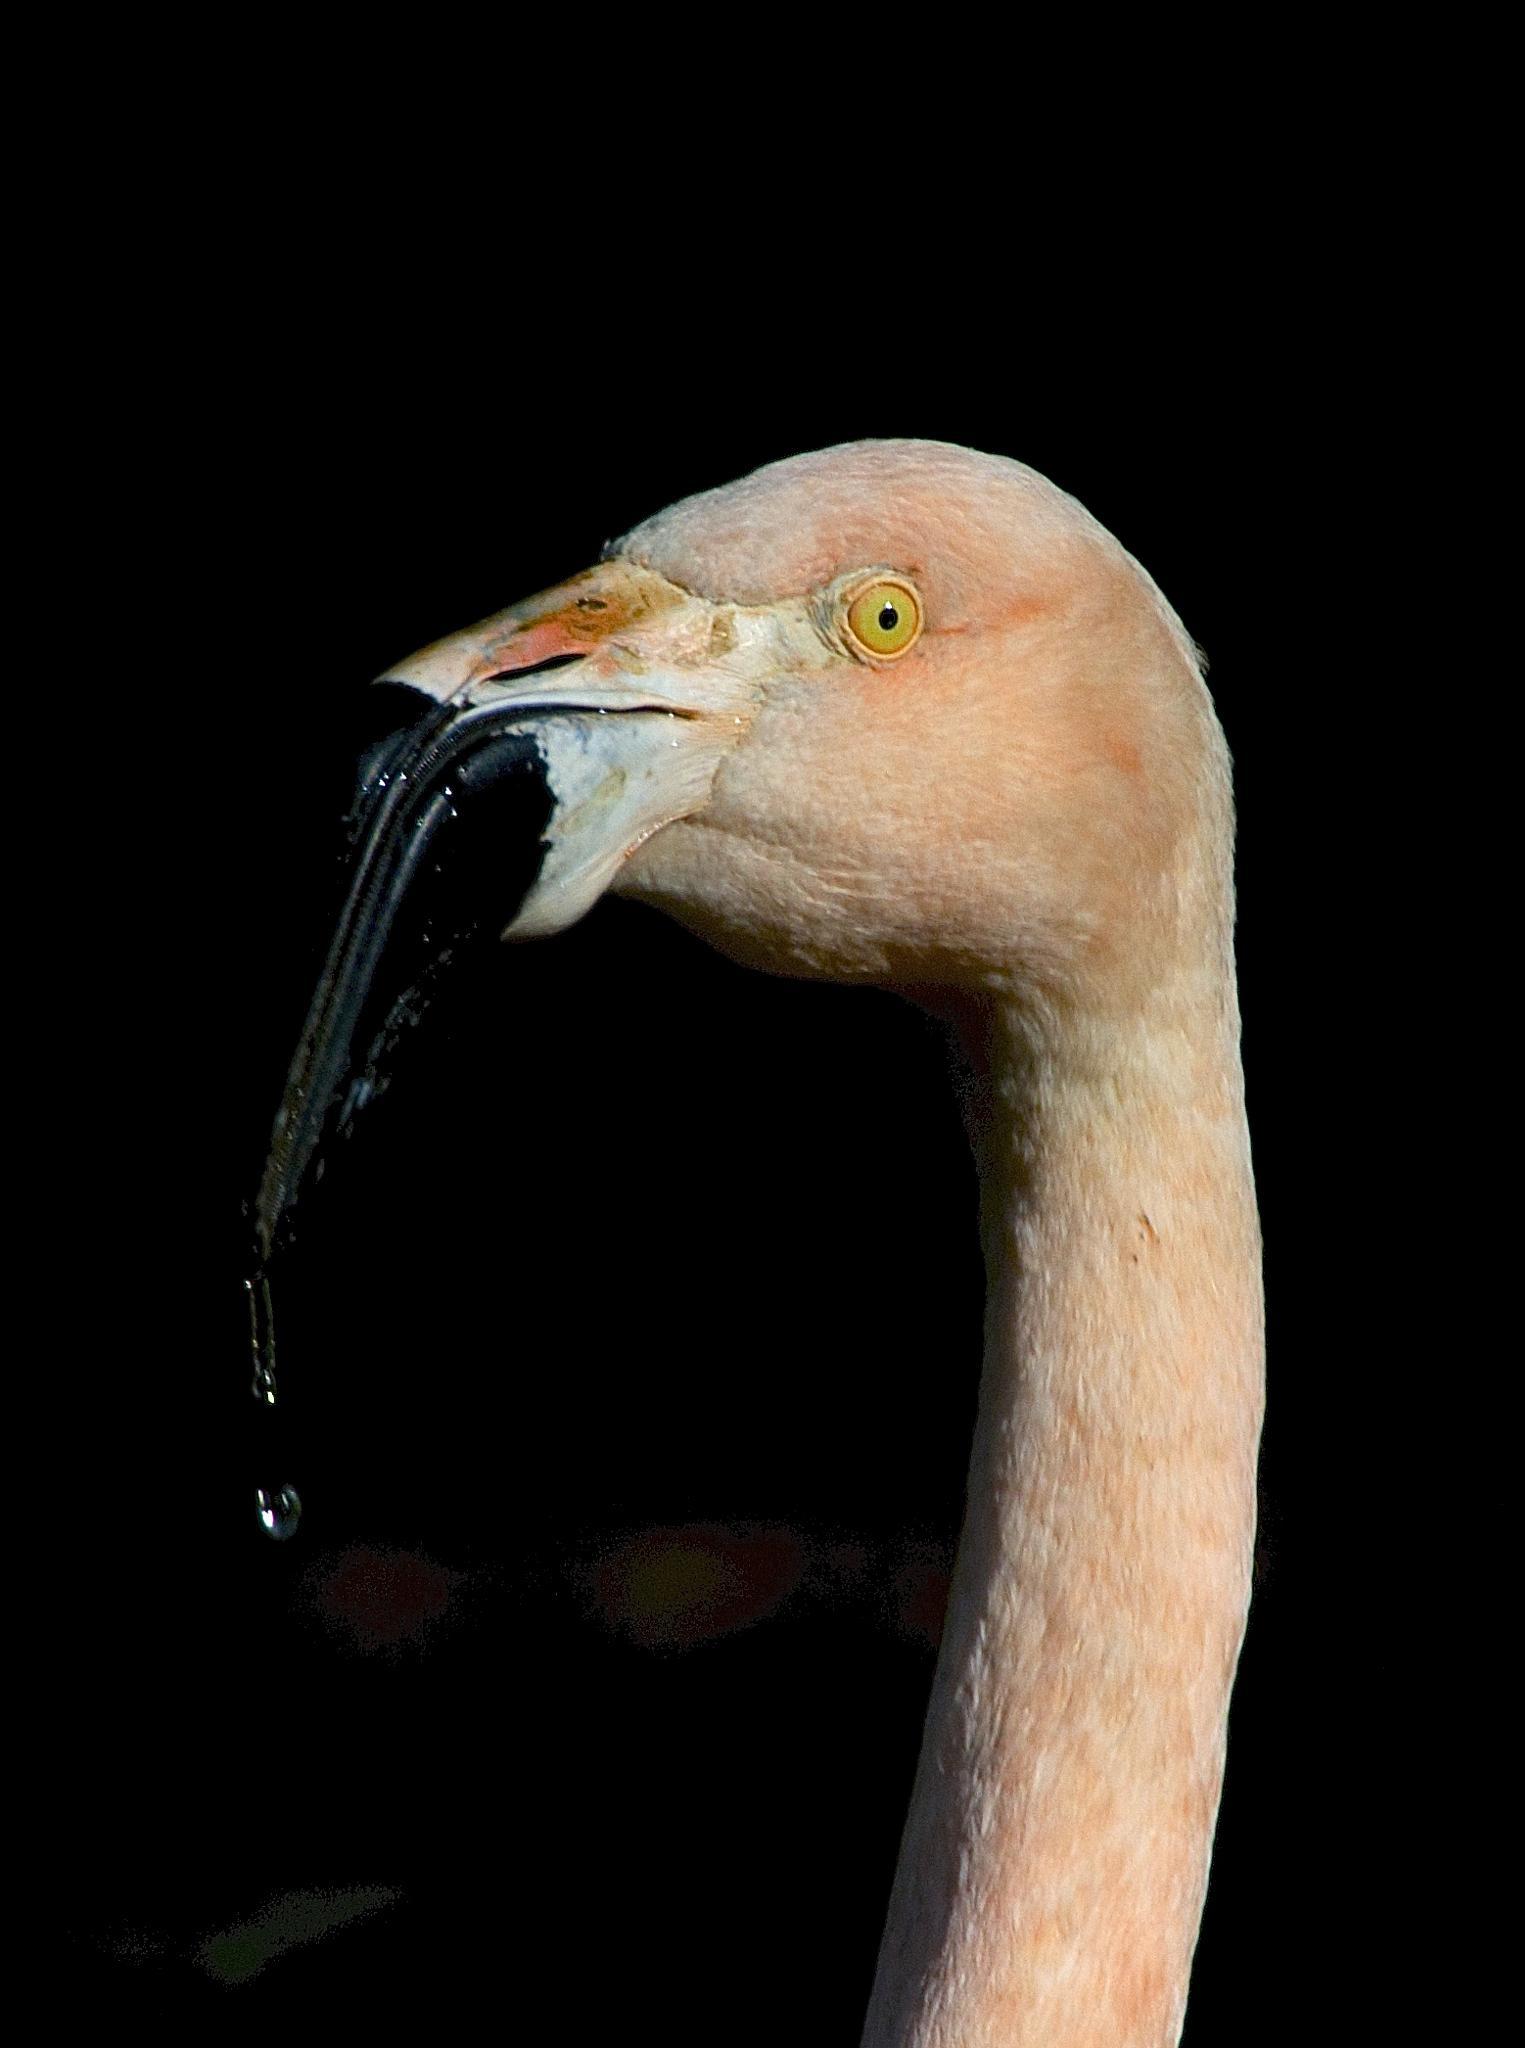 Drippy Flamingo by gordon veitch